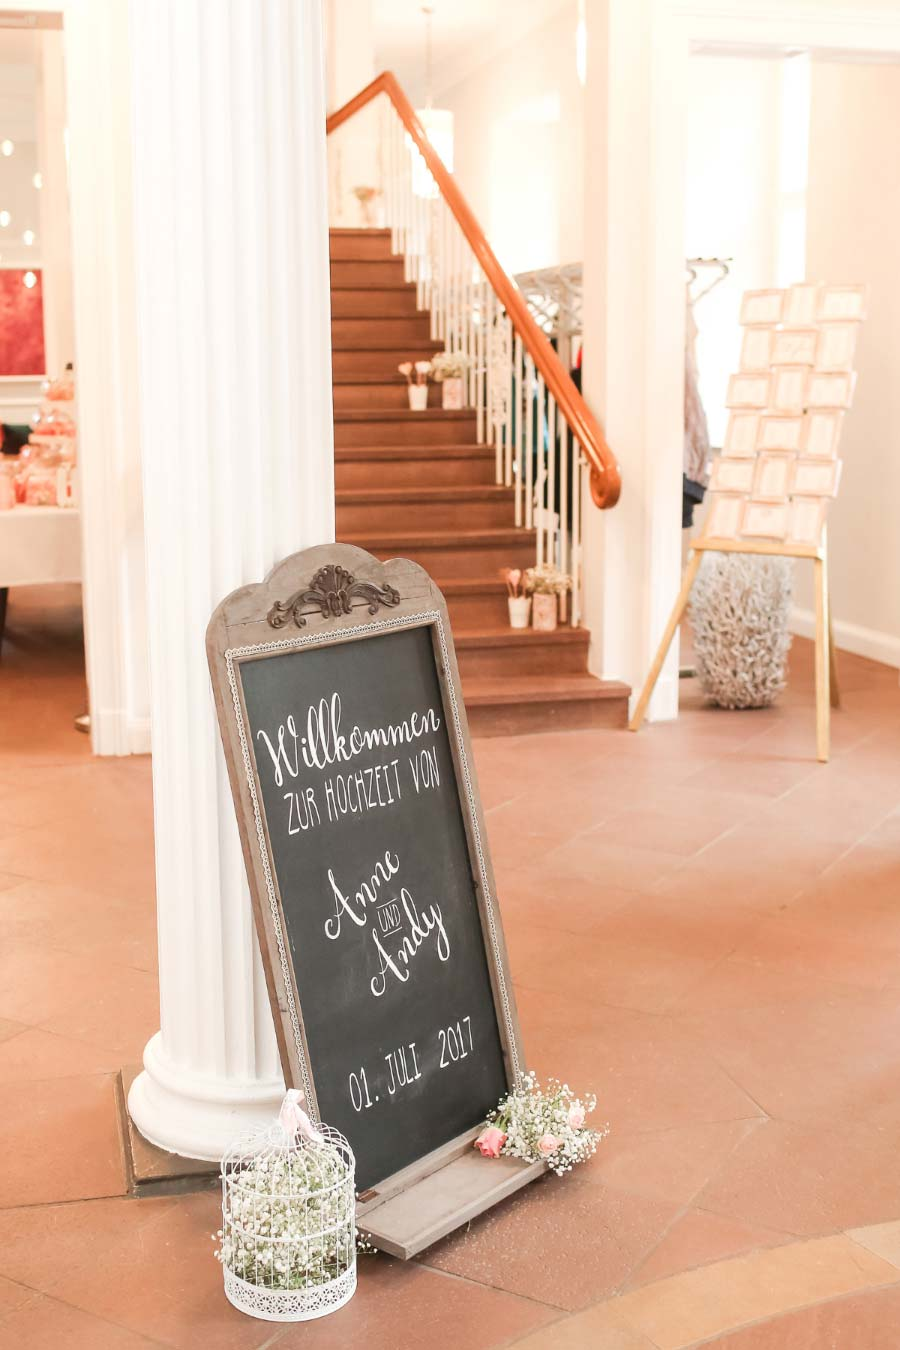 Ideen für Schilder beim Empfang der Hochzeit: Das Schlild bei der Hochzeit von Anni und Andreas